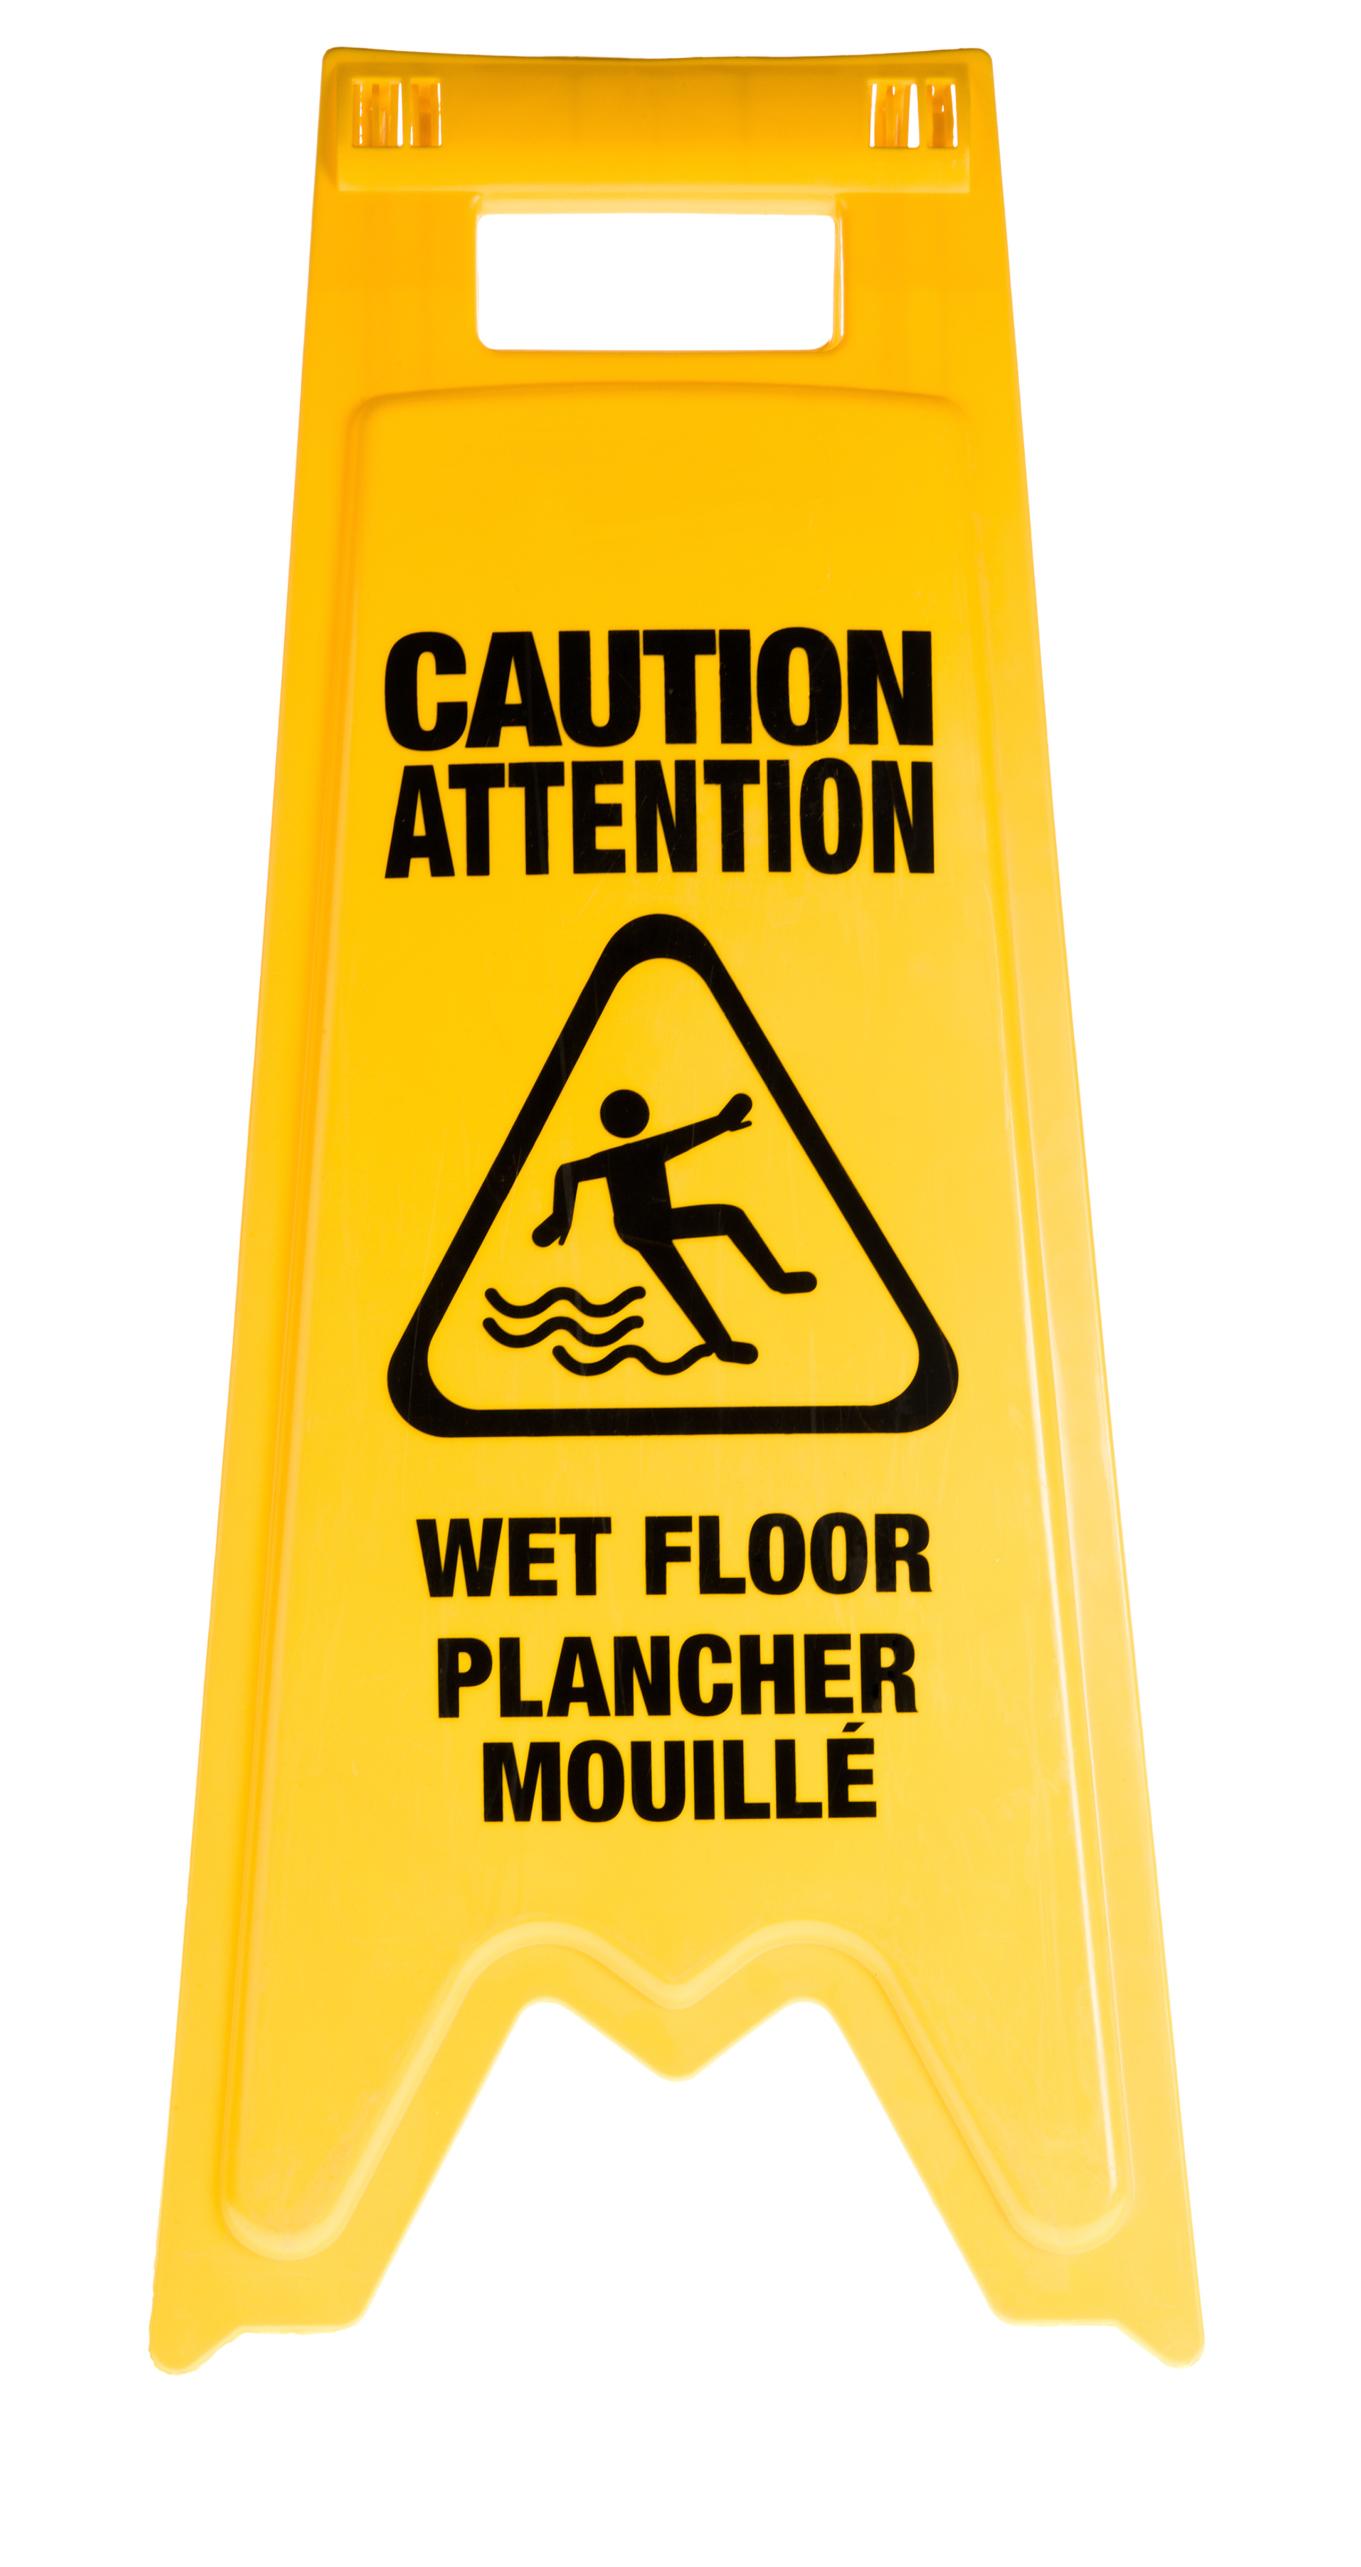 Kitchen Hazards And Kitchen Safety